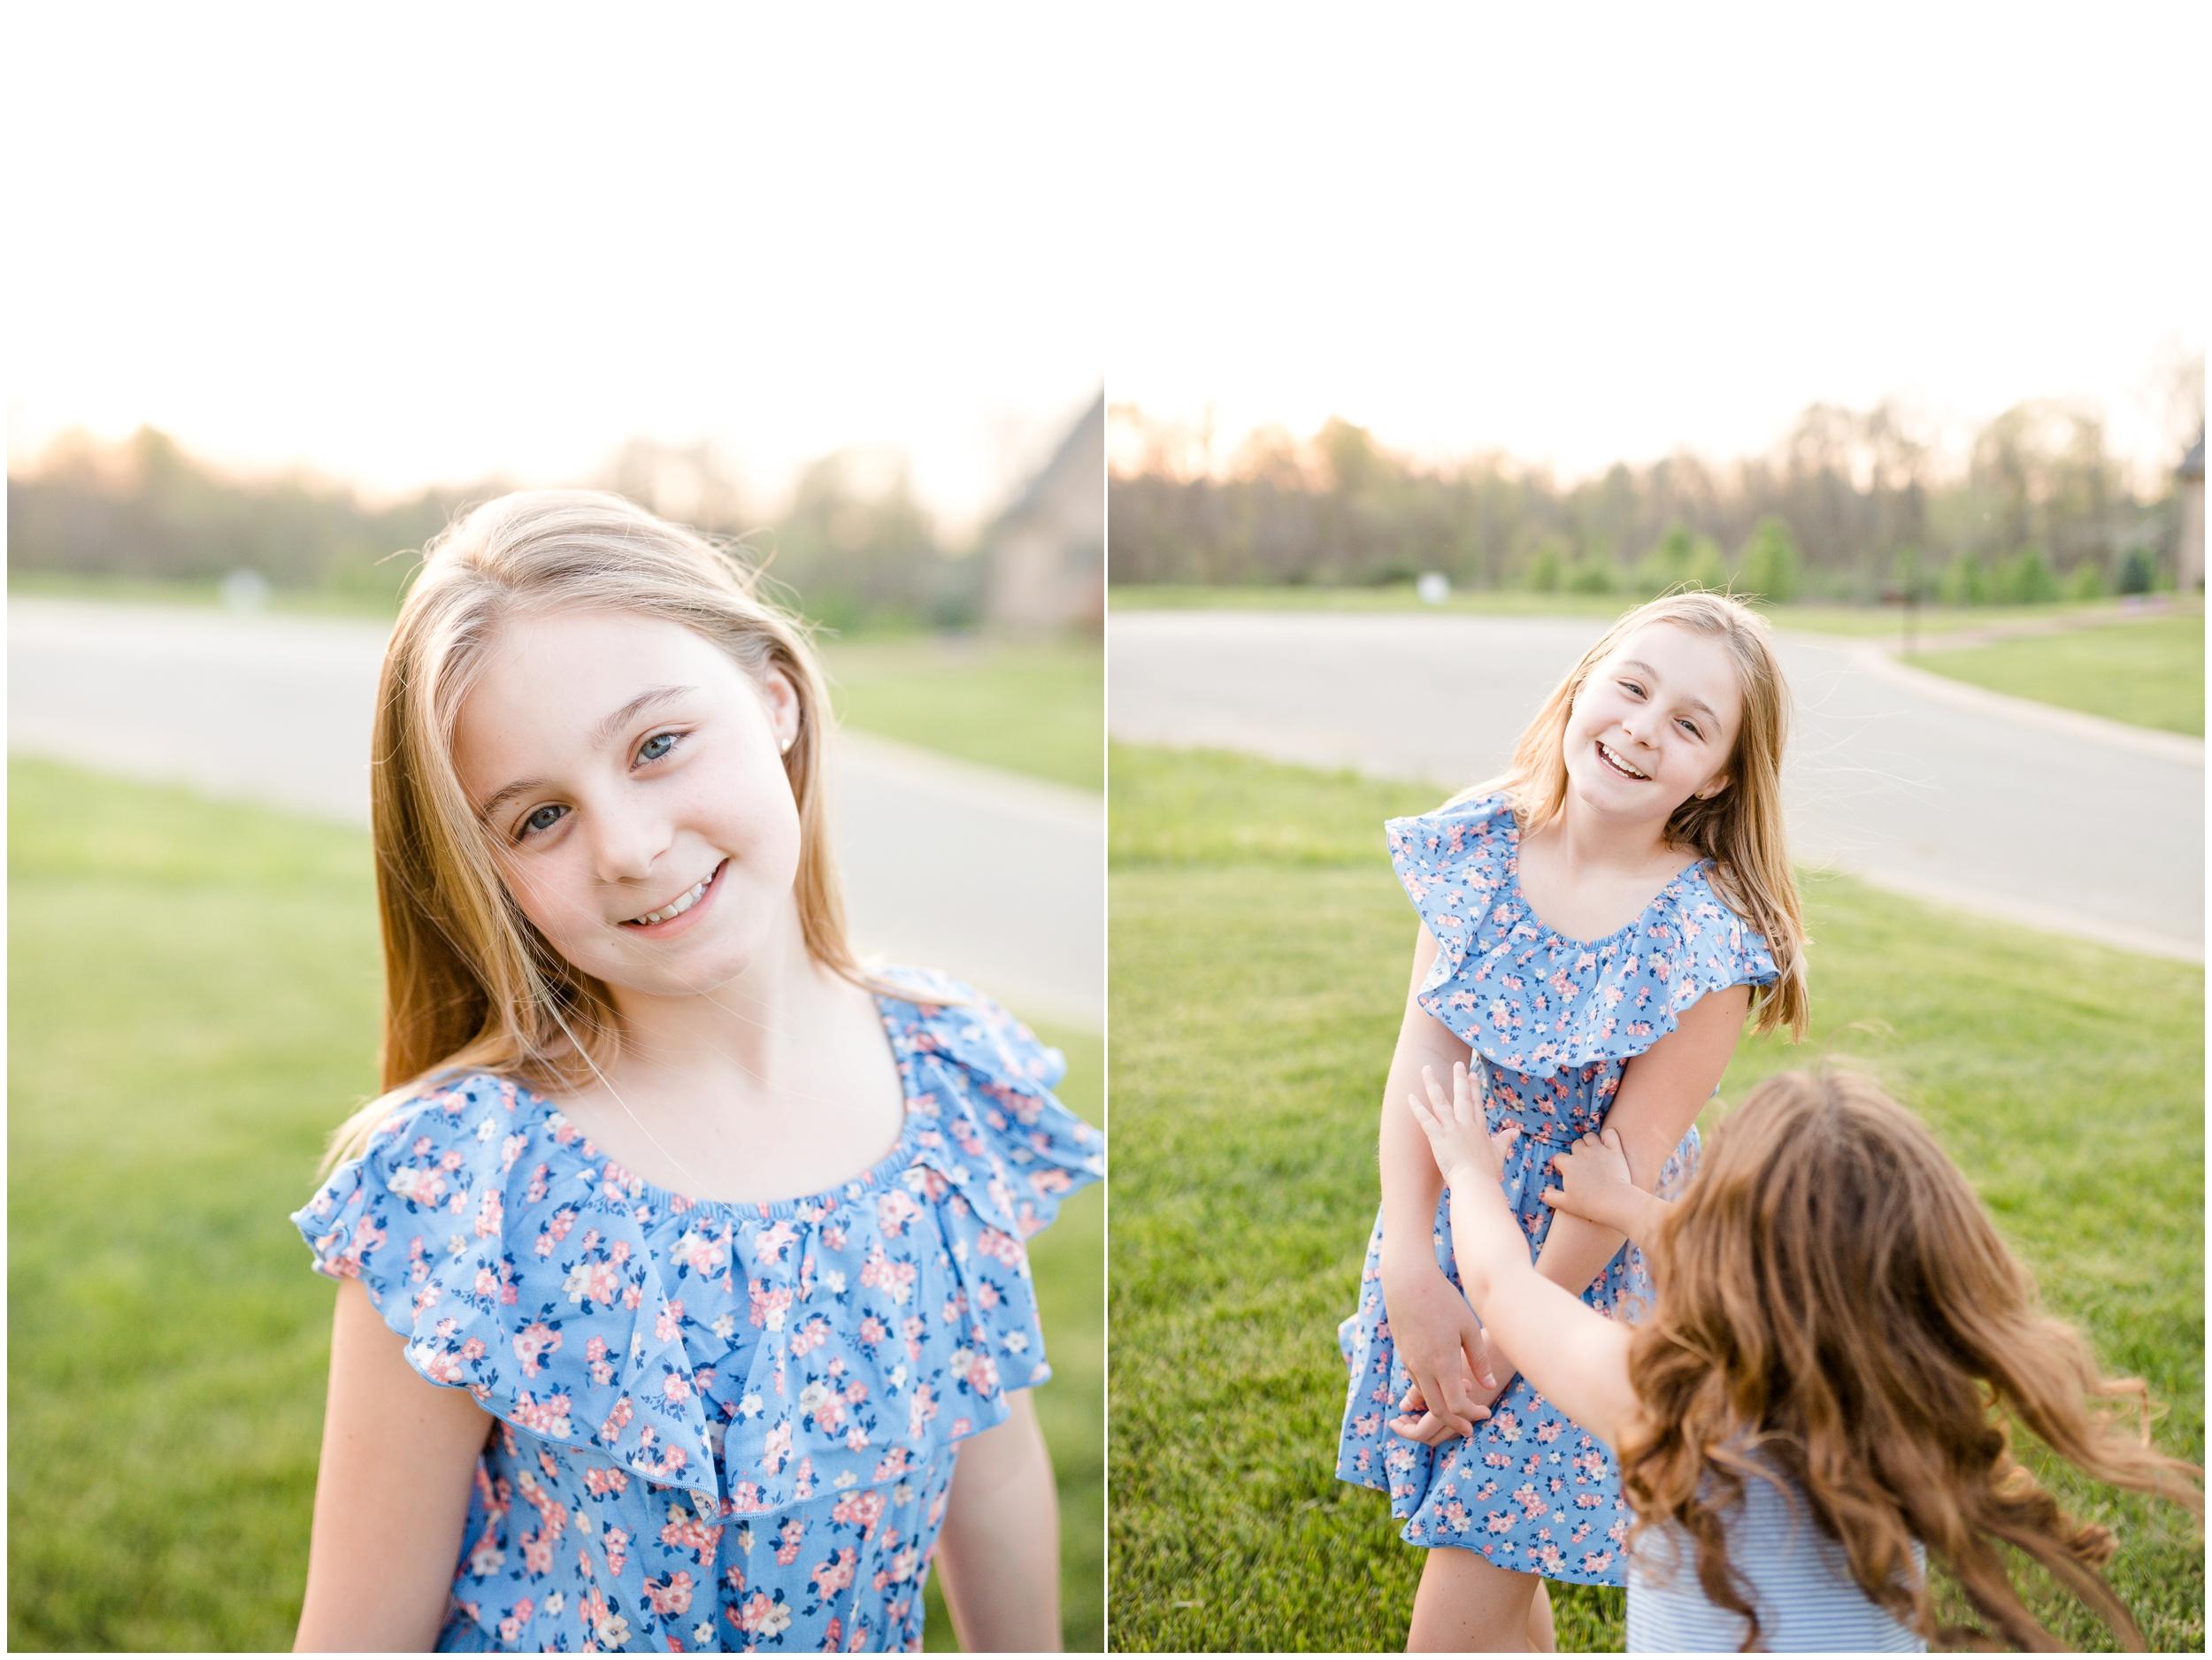 lexington-ky-family-lifestyle-photography-Priscilla-Baierlein-Photography_0274.jpg